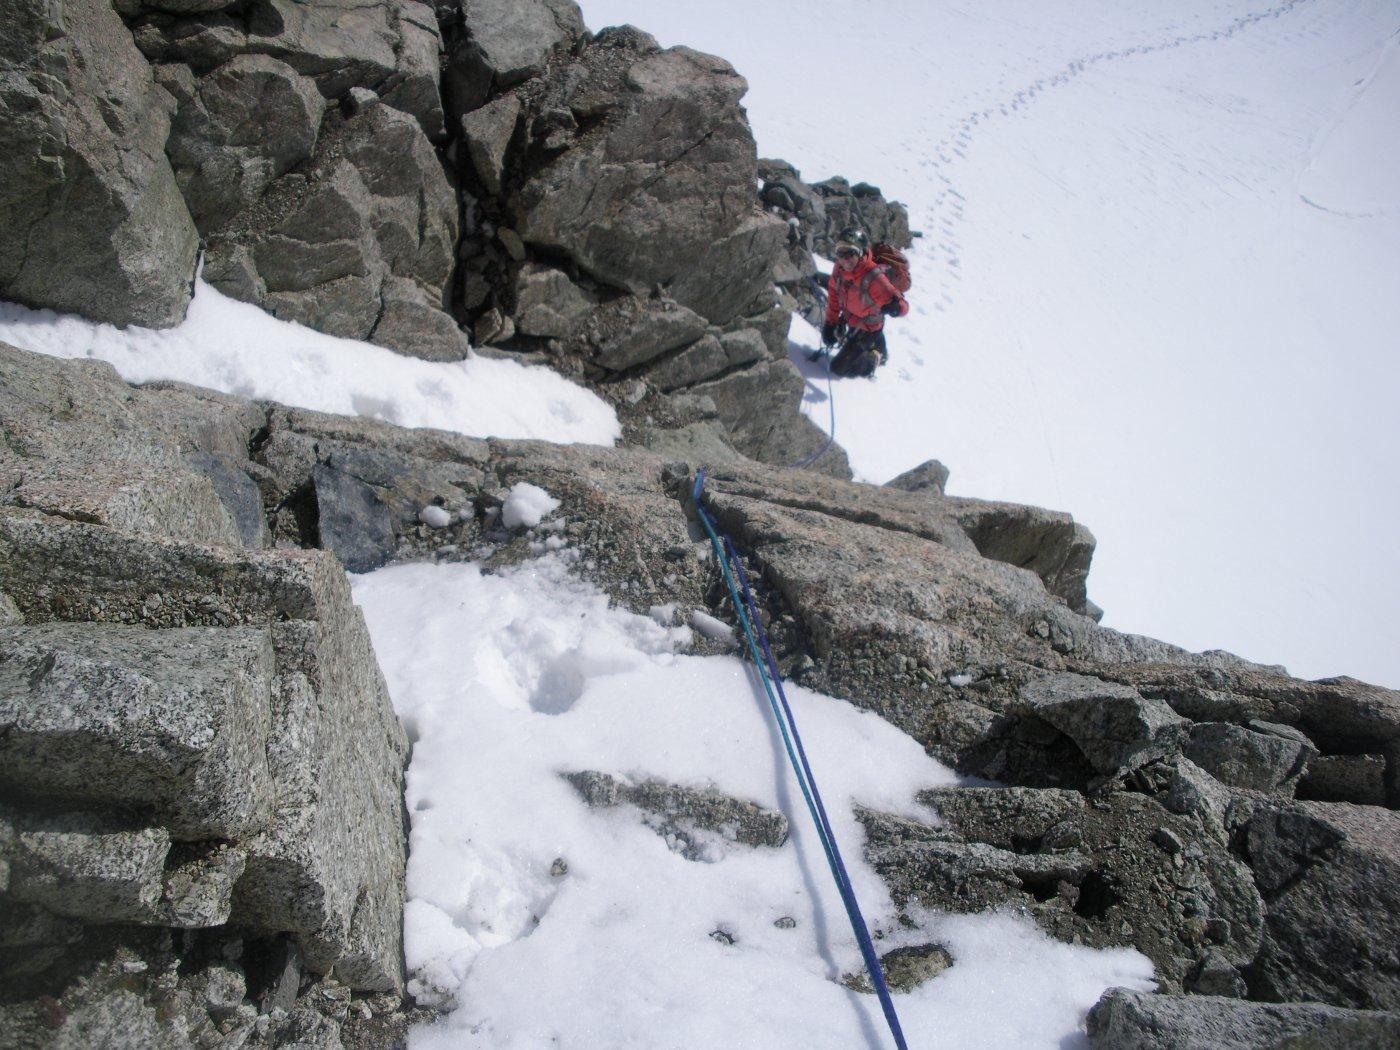 una volta qui c'era tutta neve..ora bisogna arrampicare..